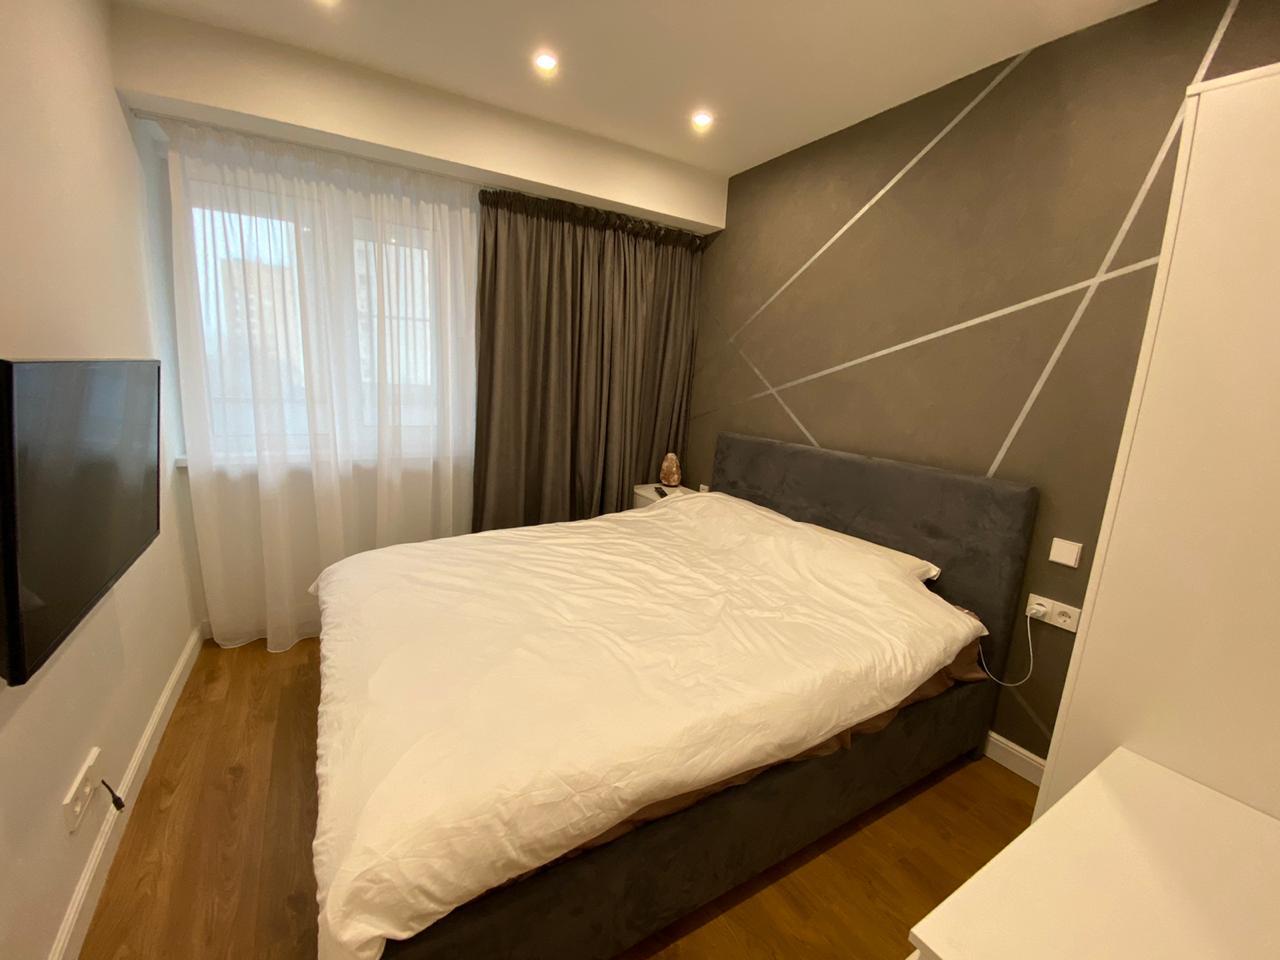 Реализация   -   Дизайн-проект квартиры для молодого человека в районе в Москве